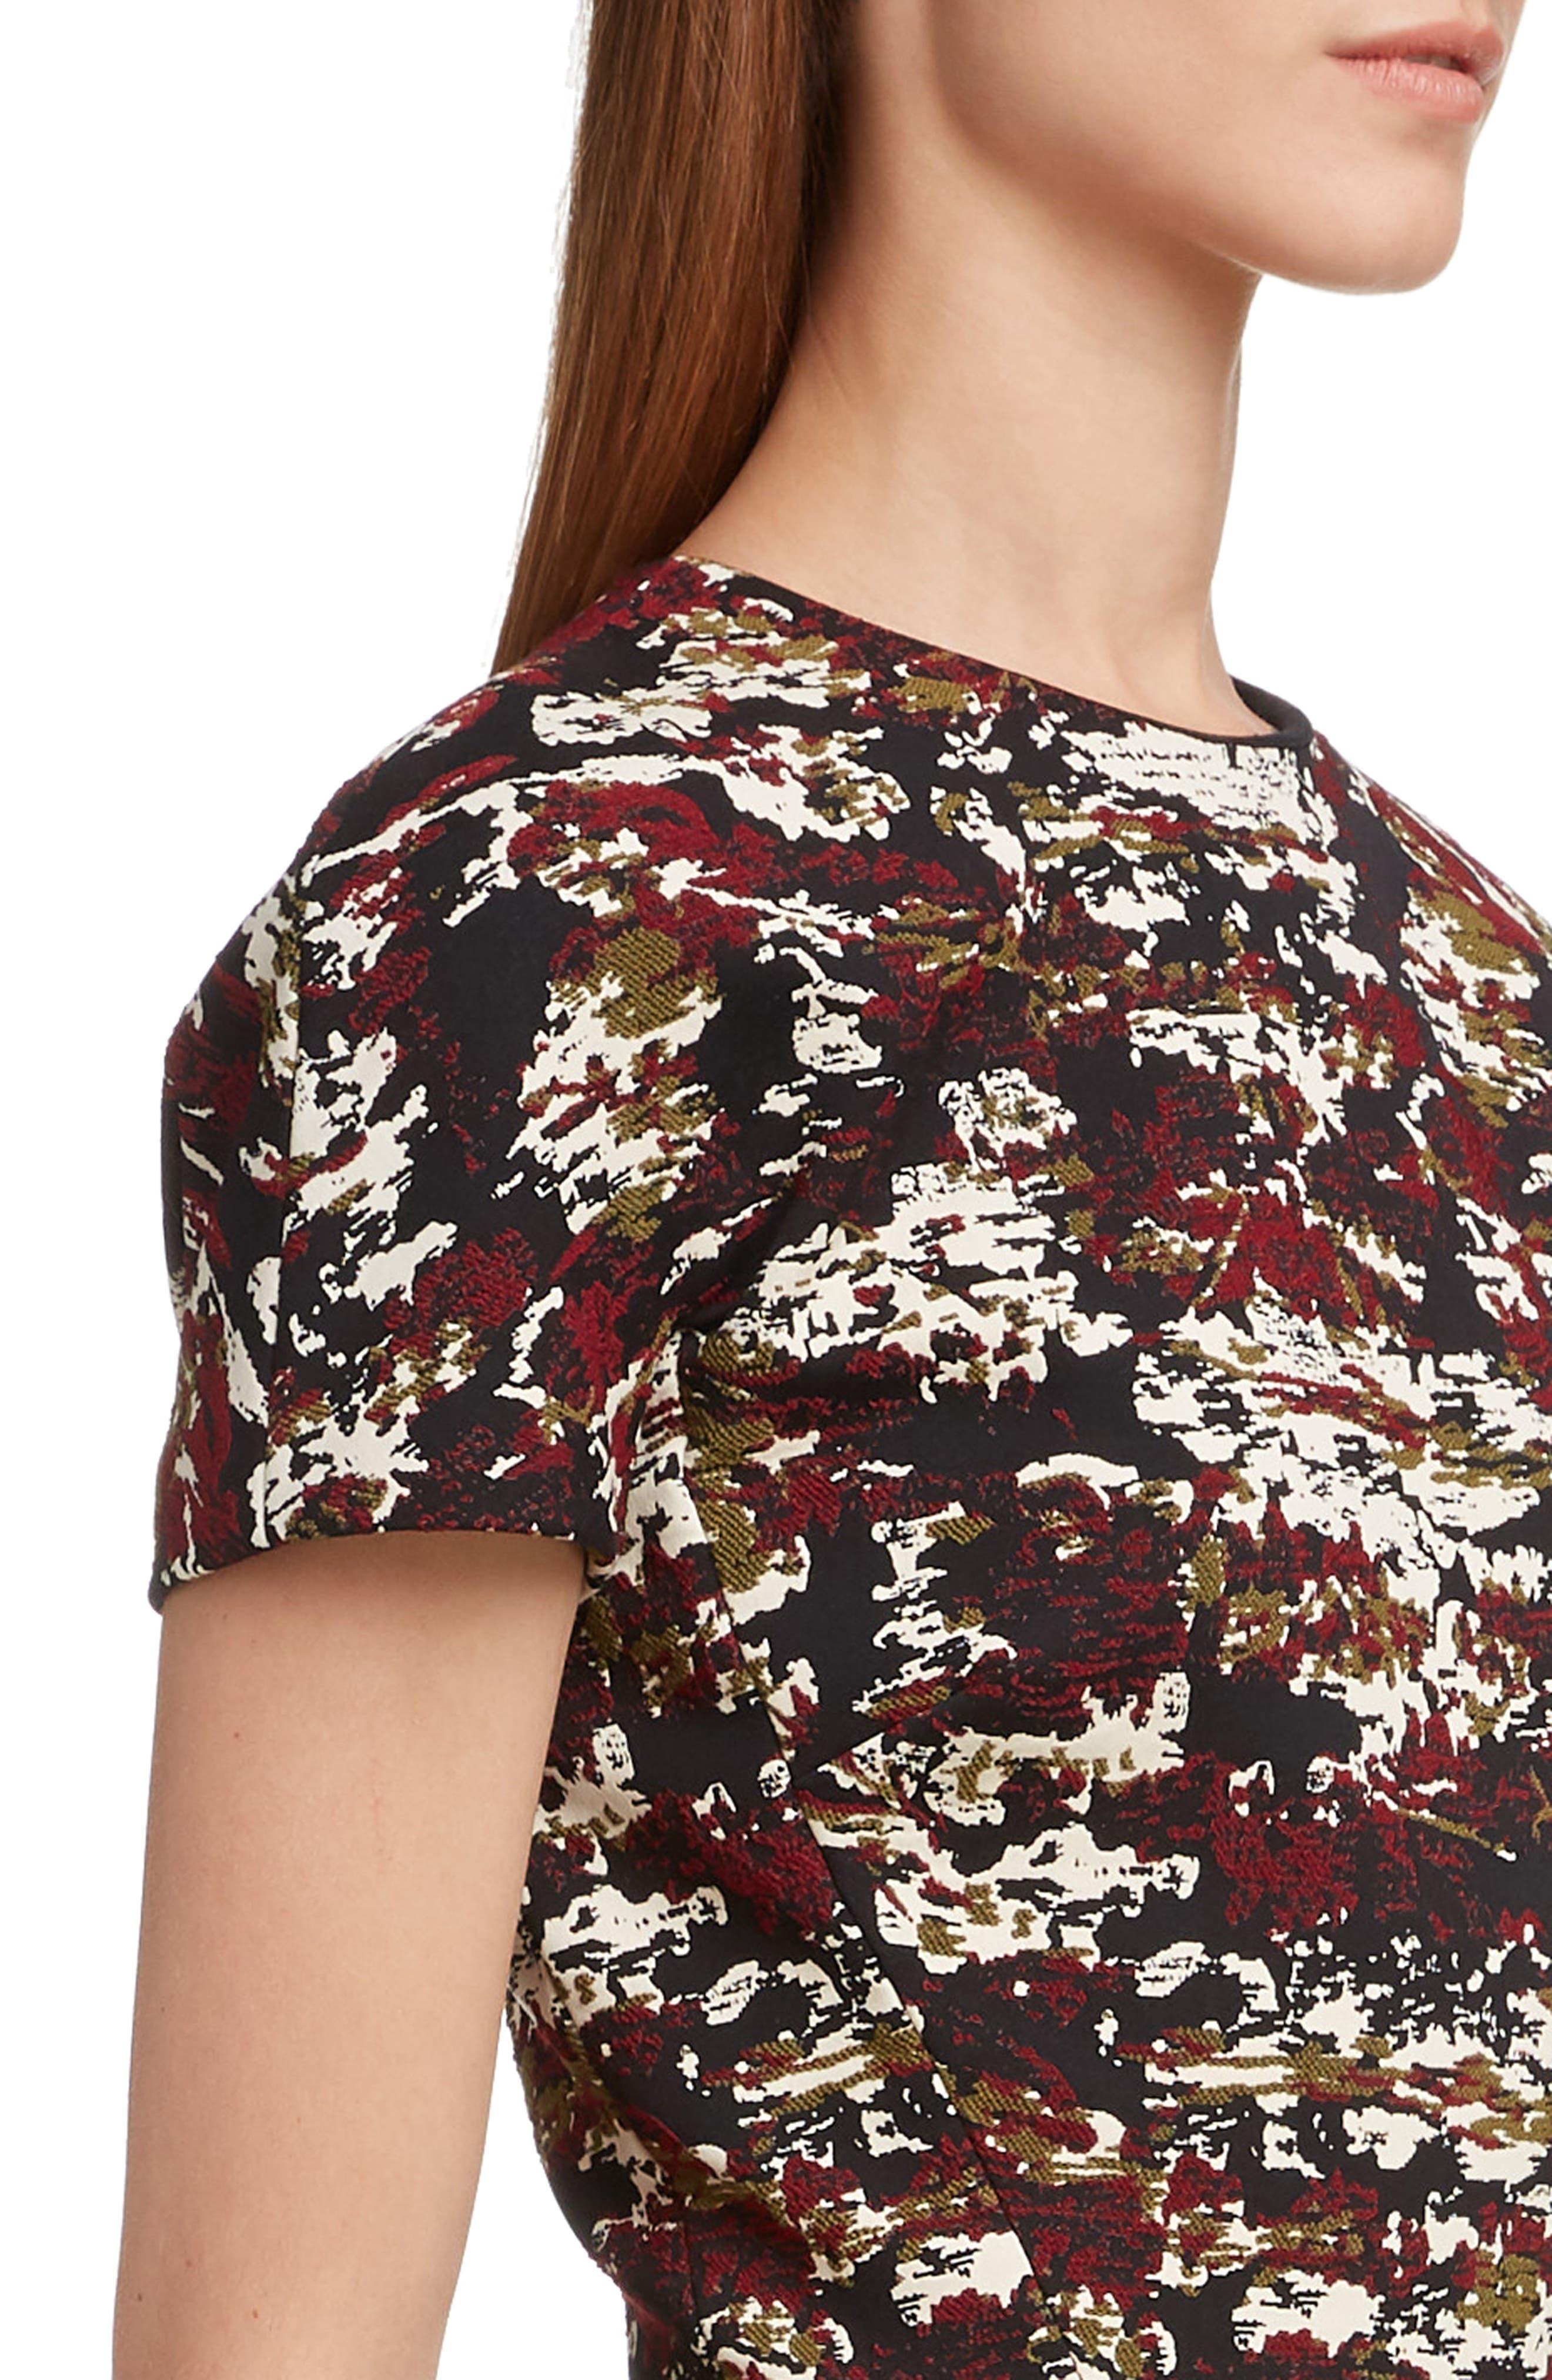 Camouflage Jacquard Dress,                             Alternate thumbnail 4, color,                             BORDEAUX-BLACK